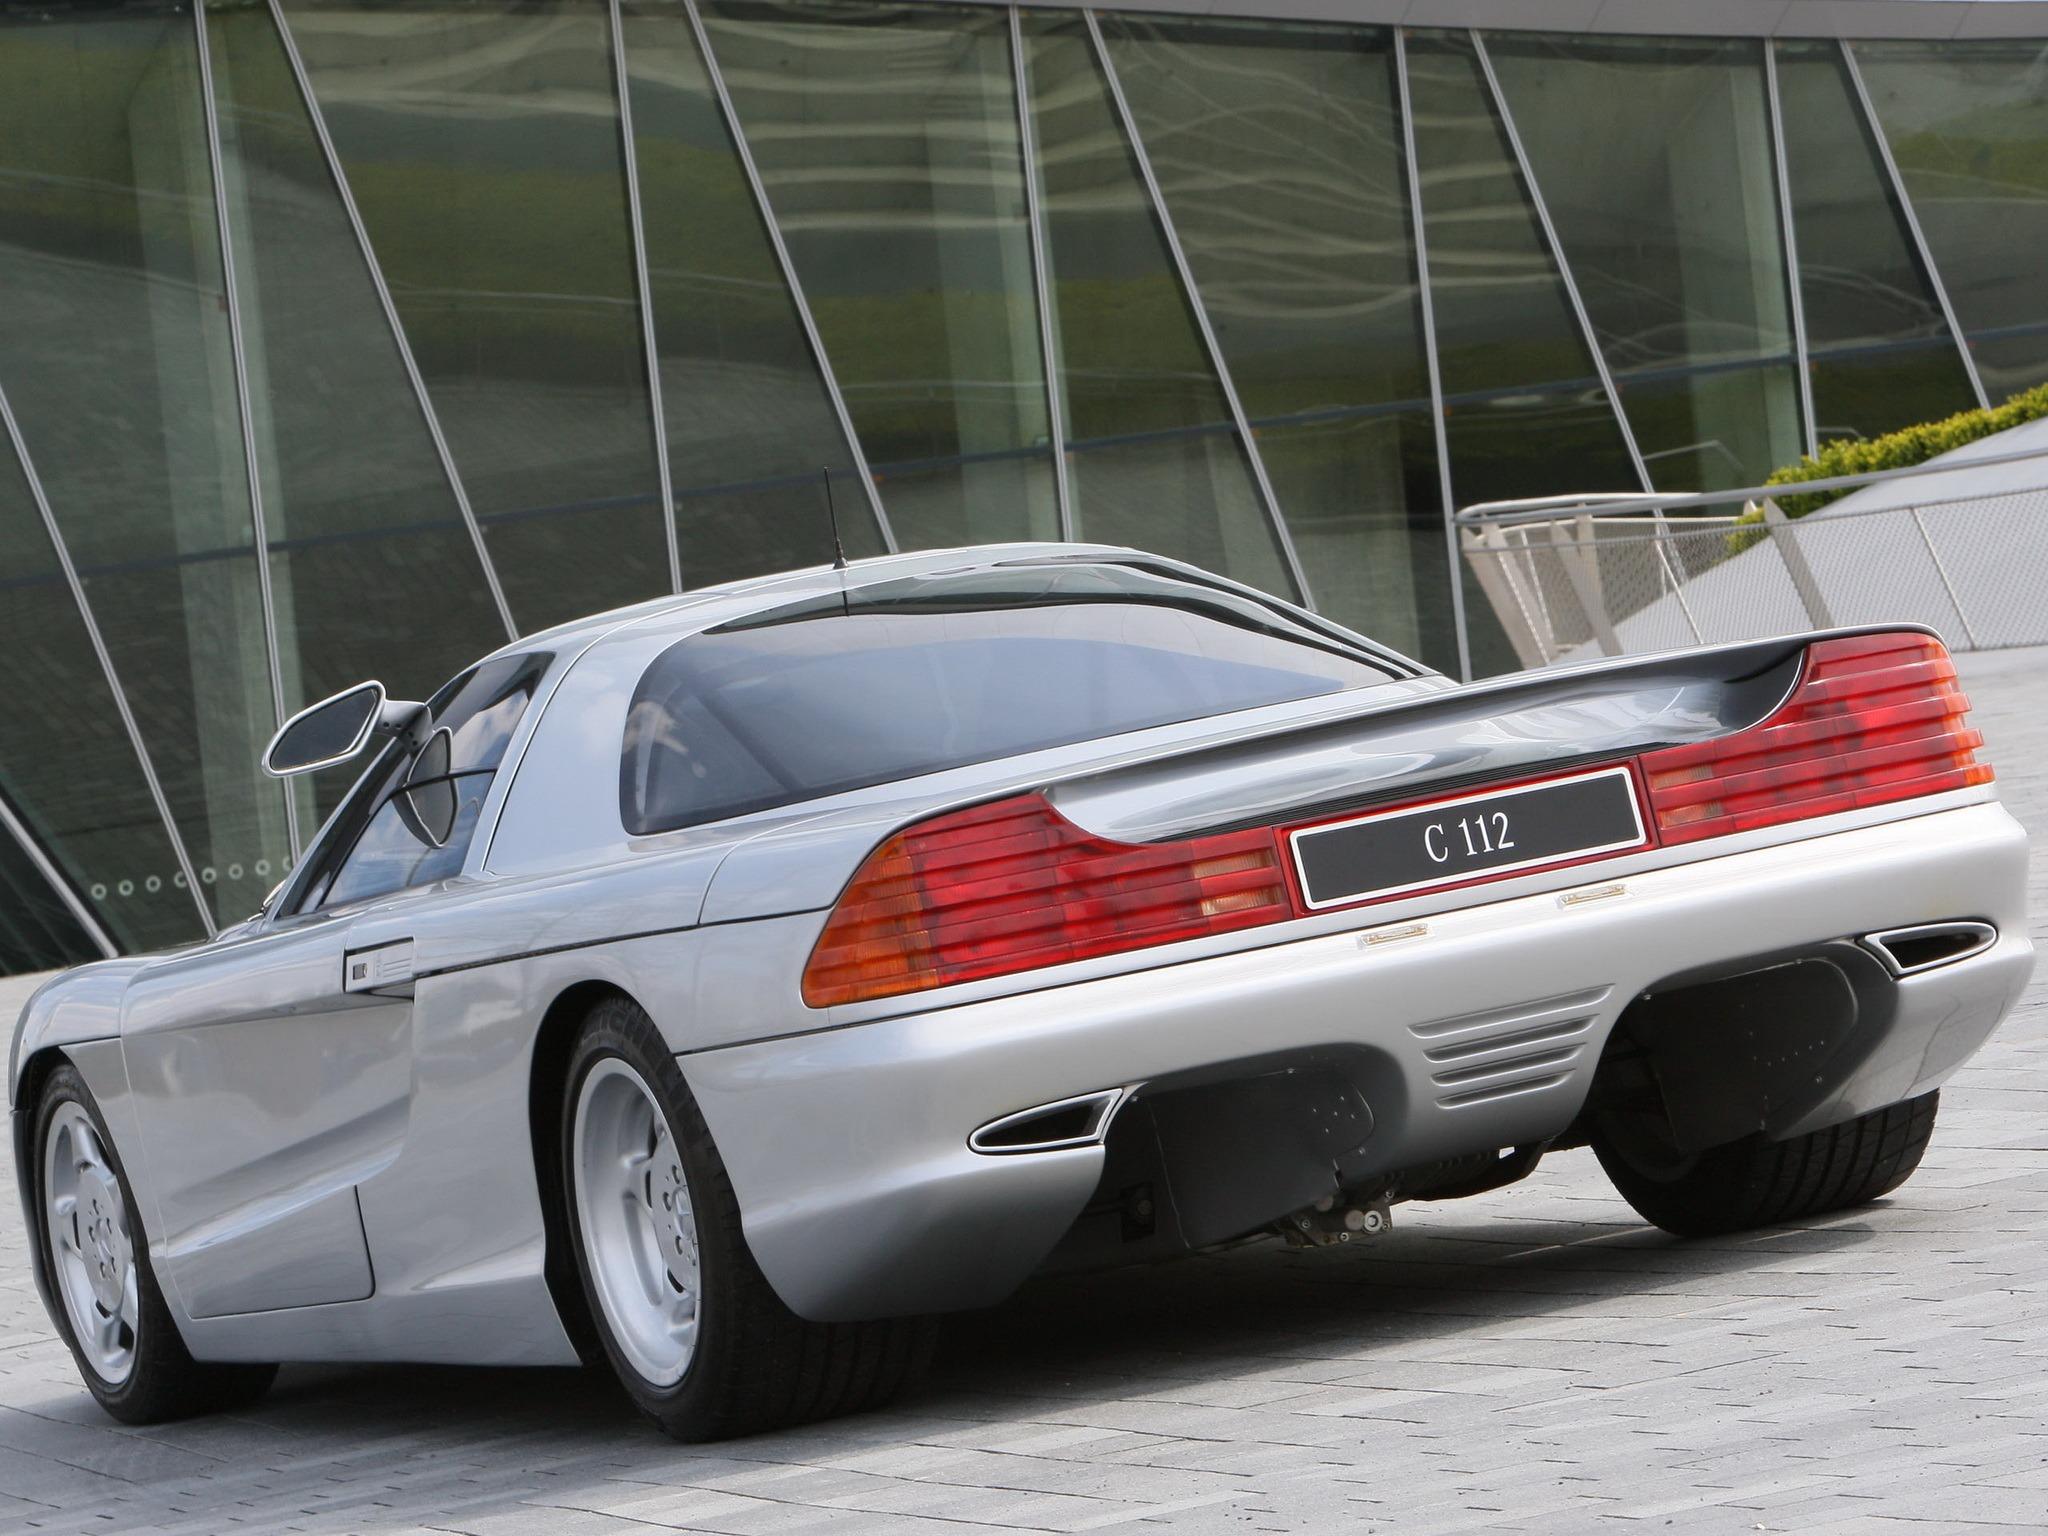 (CONCEITO): Mercedes-Benz C112 Concept 1991 4e409110